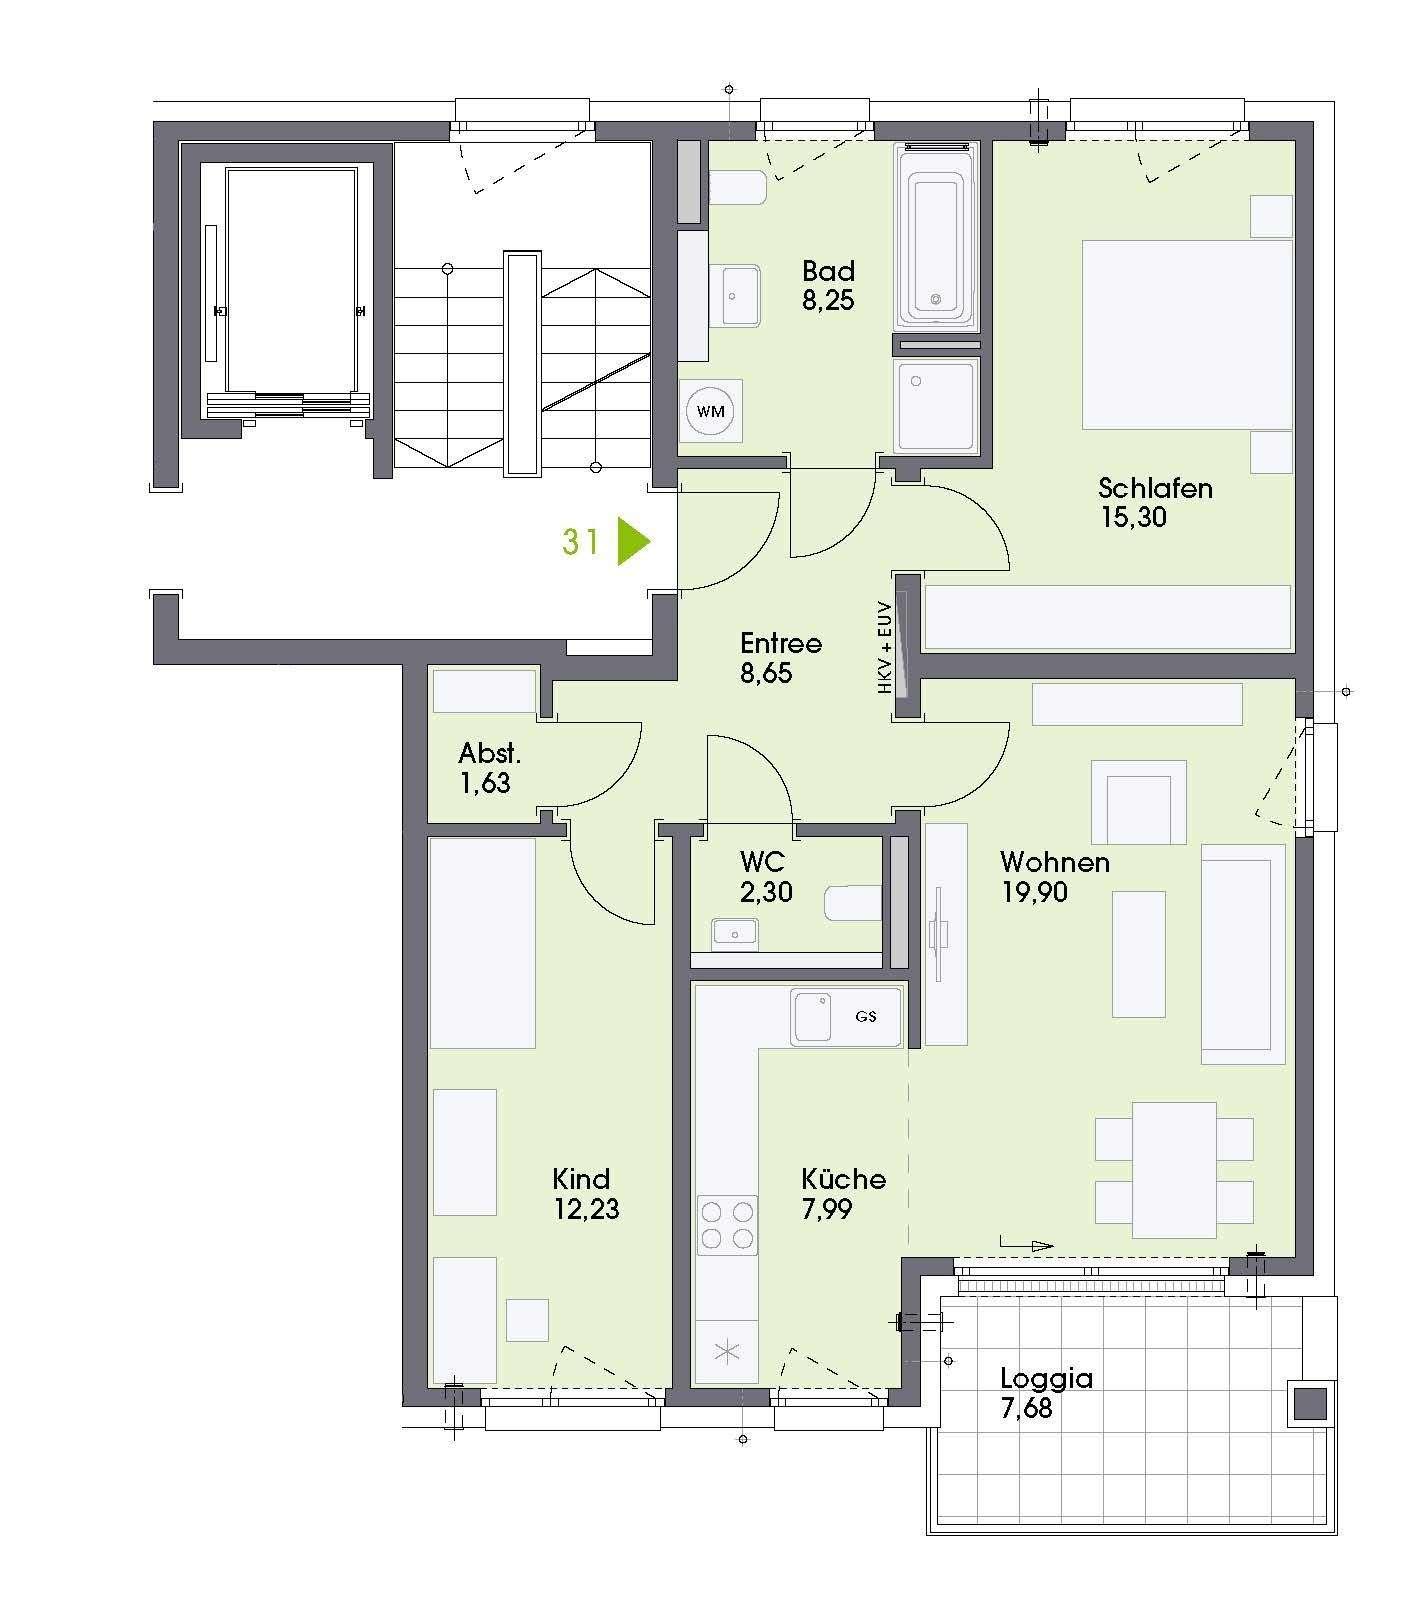 Erstbezug! Prima 3-Zimmer-Wohnung mit Loggia in Neumarkt in Neumarkt in der Oberpfalz (Neumarkt in der Oberpfalz)